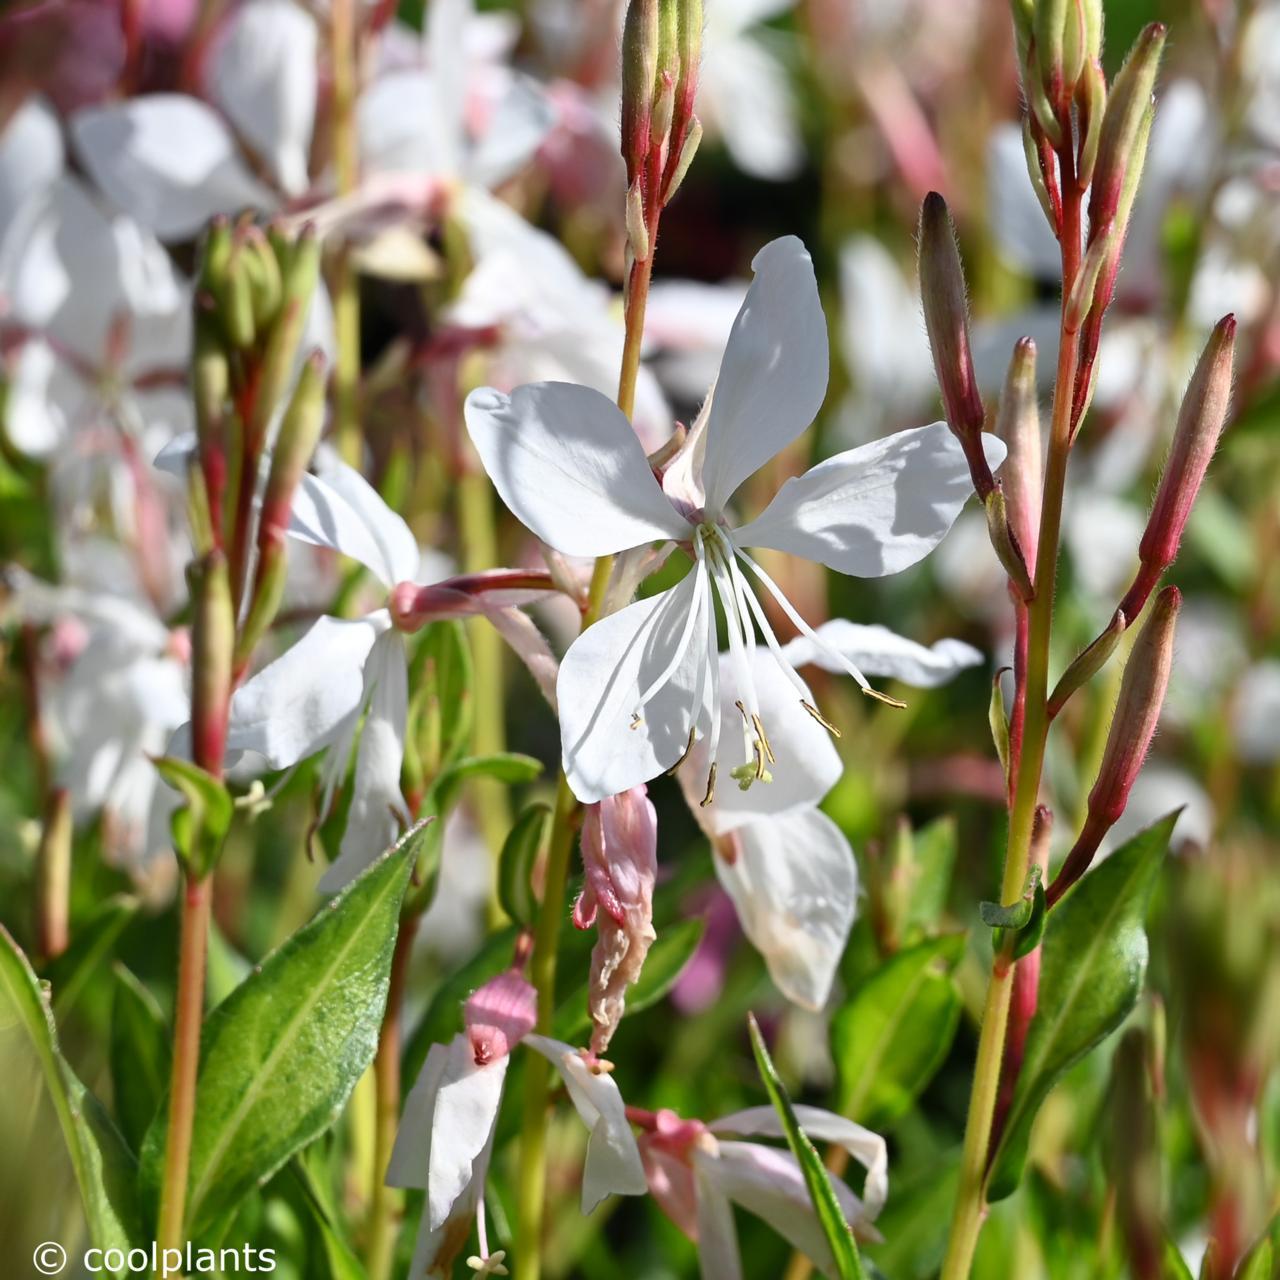 Gaura lindheimeri 'White Dove' plant